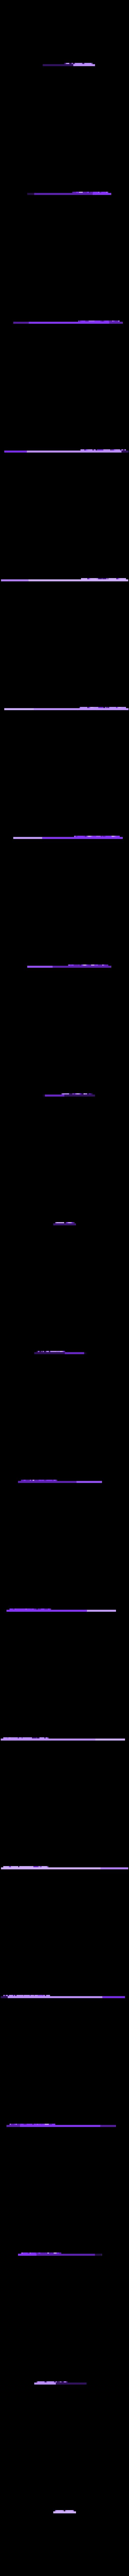 DEAD PLANT.stl Télécharger fichier STL gratuit Étiquettes de noms de plantes • Plan imprimable en 3D, Jdog